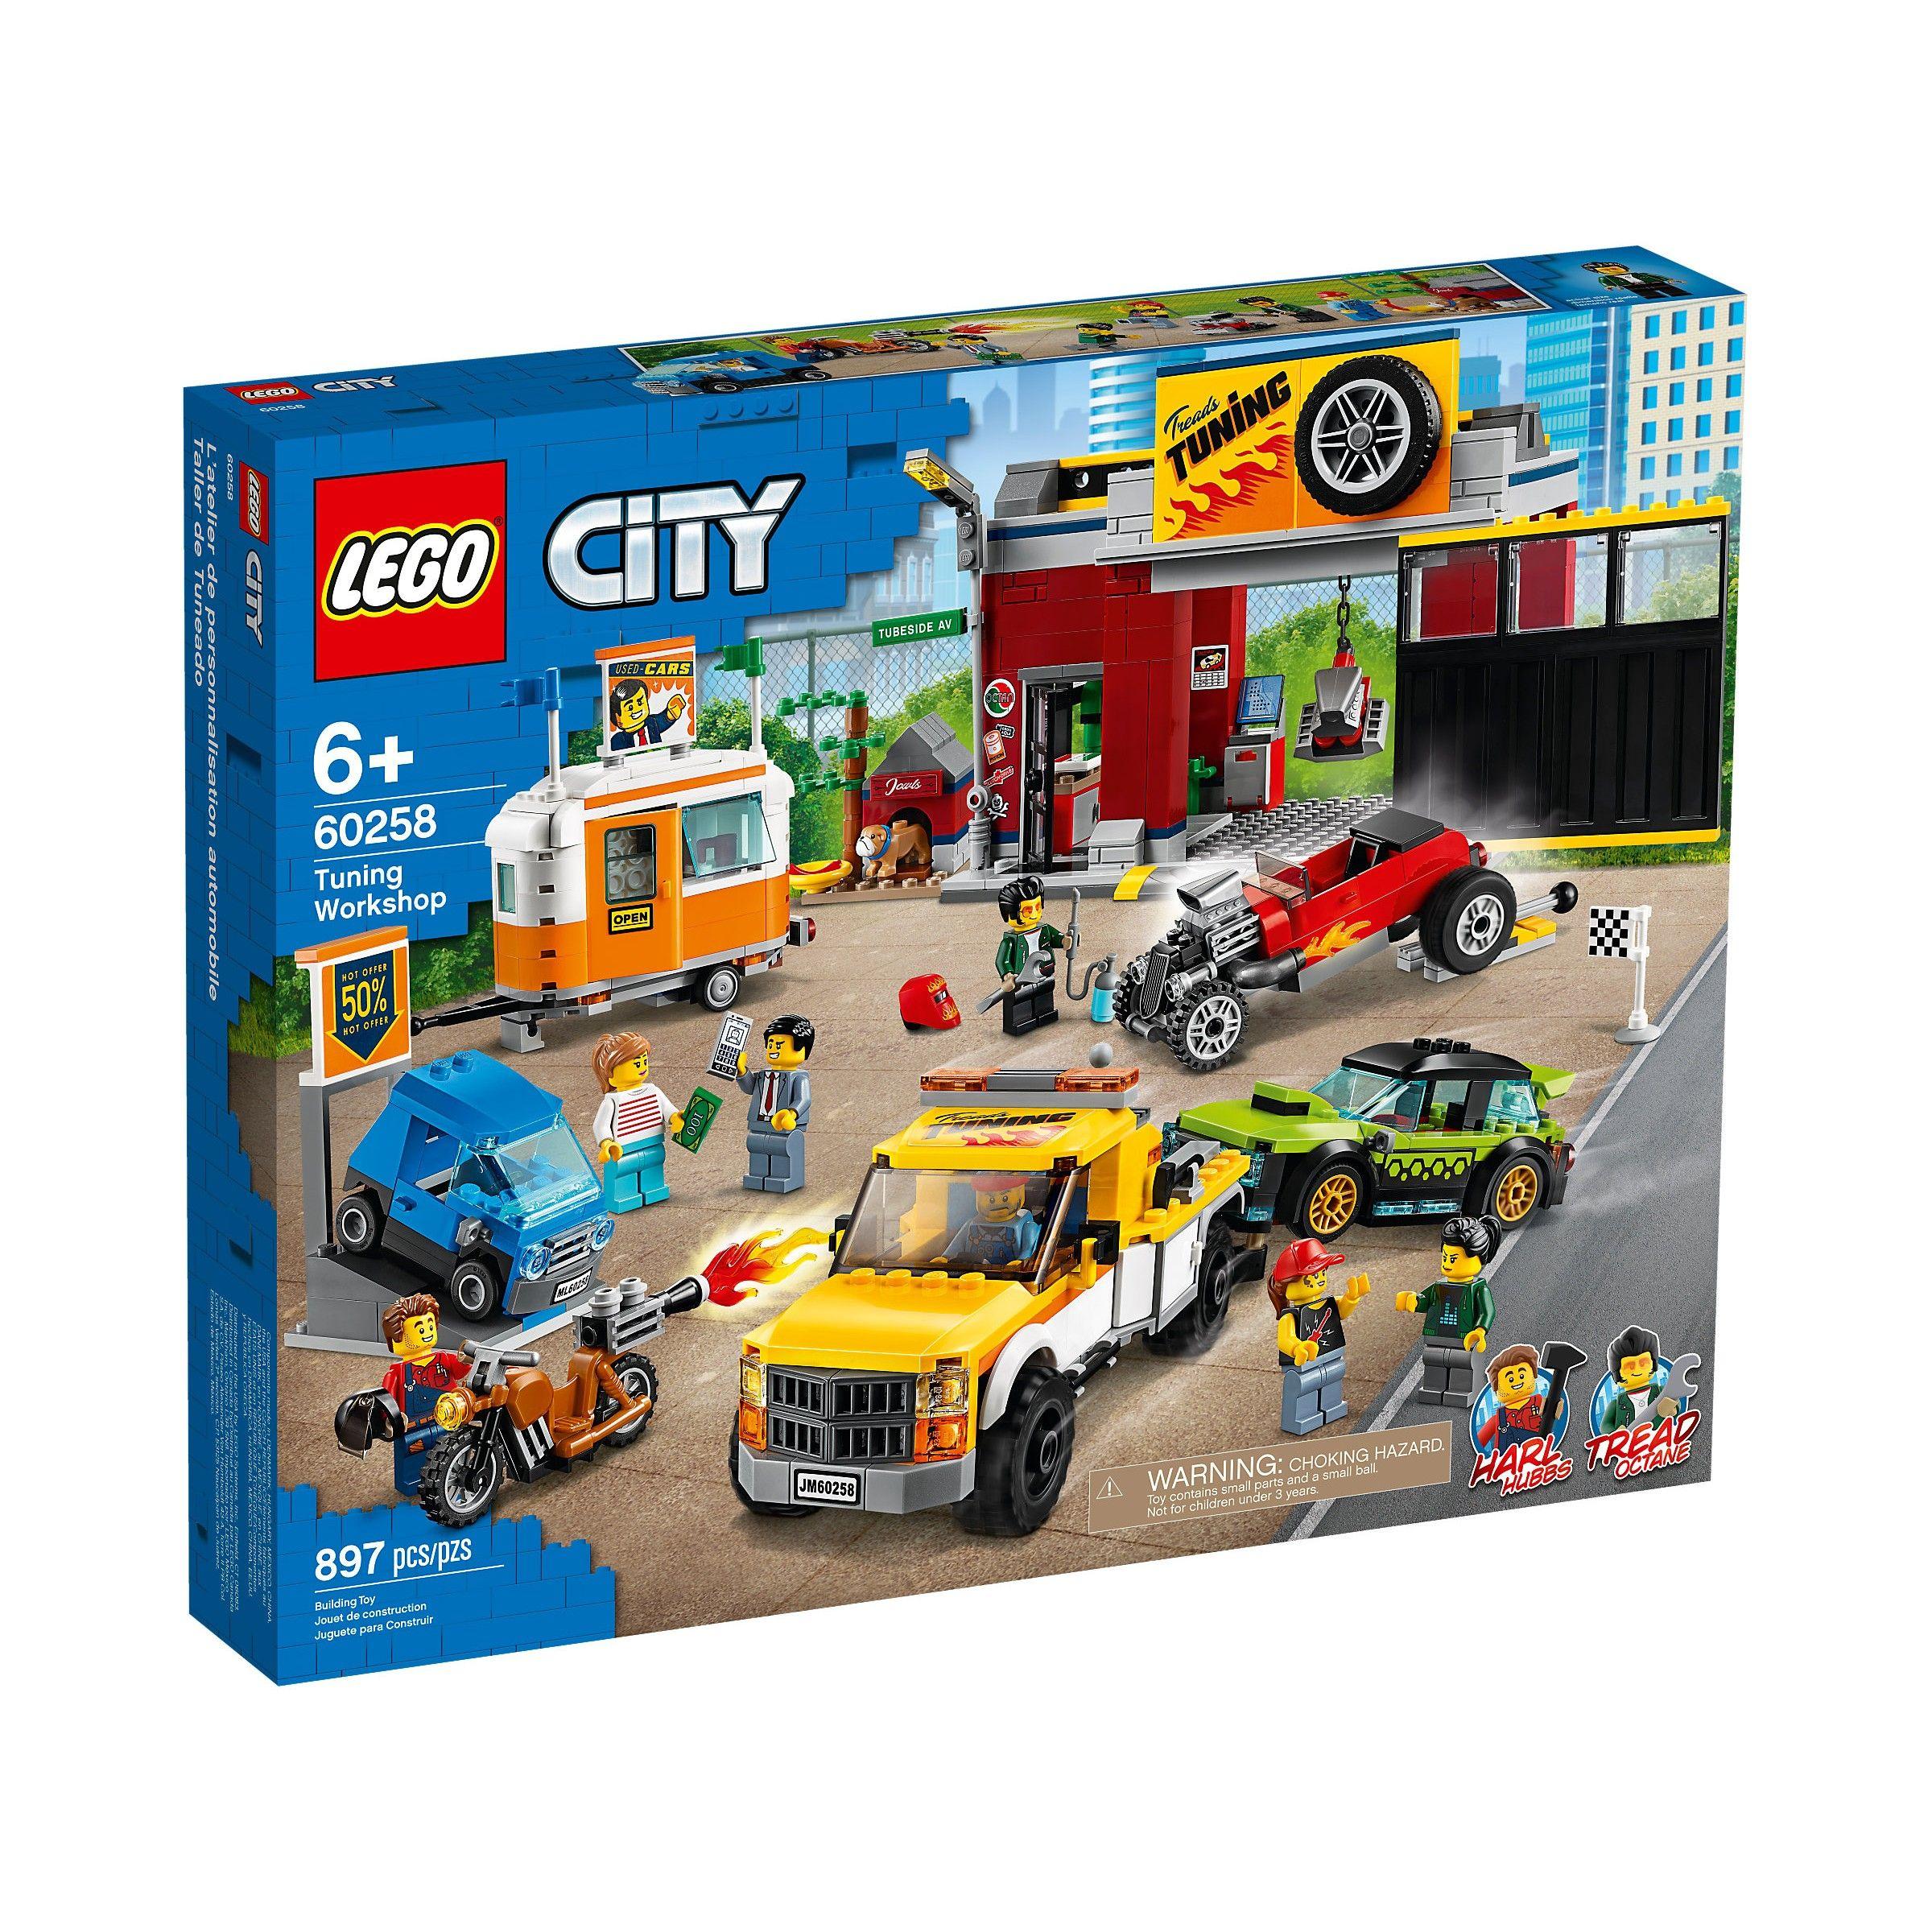 LEGO City 60258   Lego City Turbo Wheels, L'atelier de tuning, Set de construction avec depanneuse, Hot Rod moto, 897 pièces,